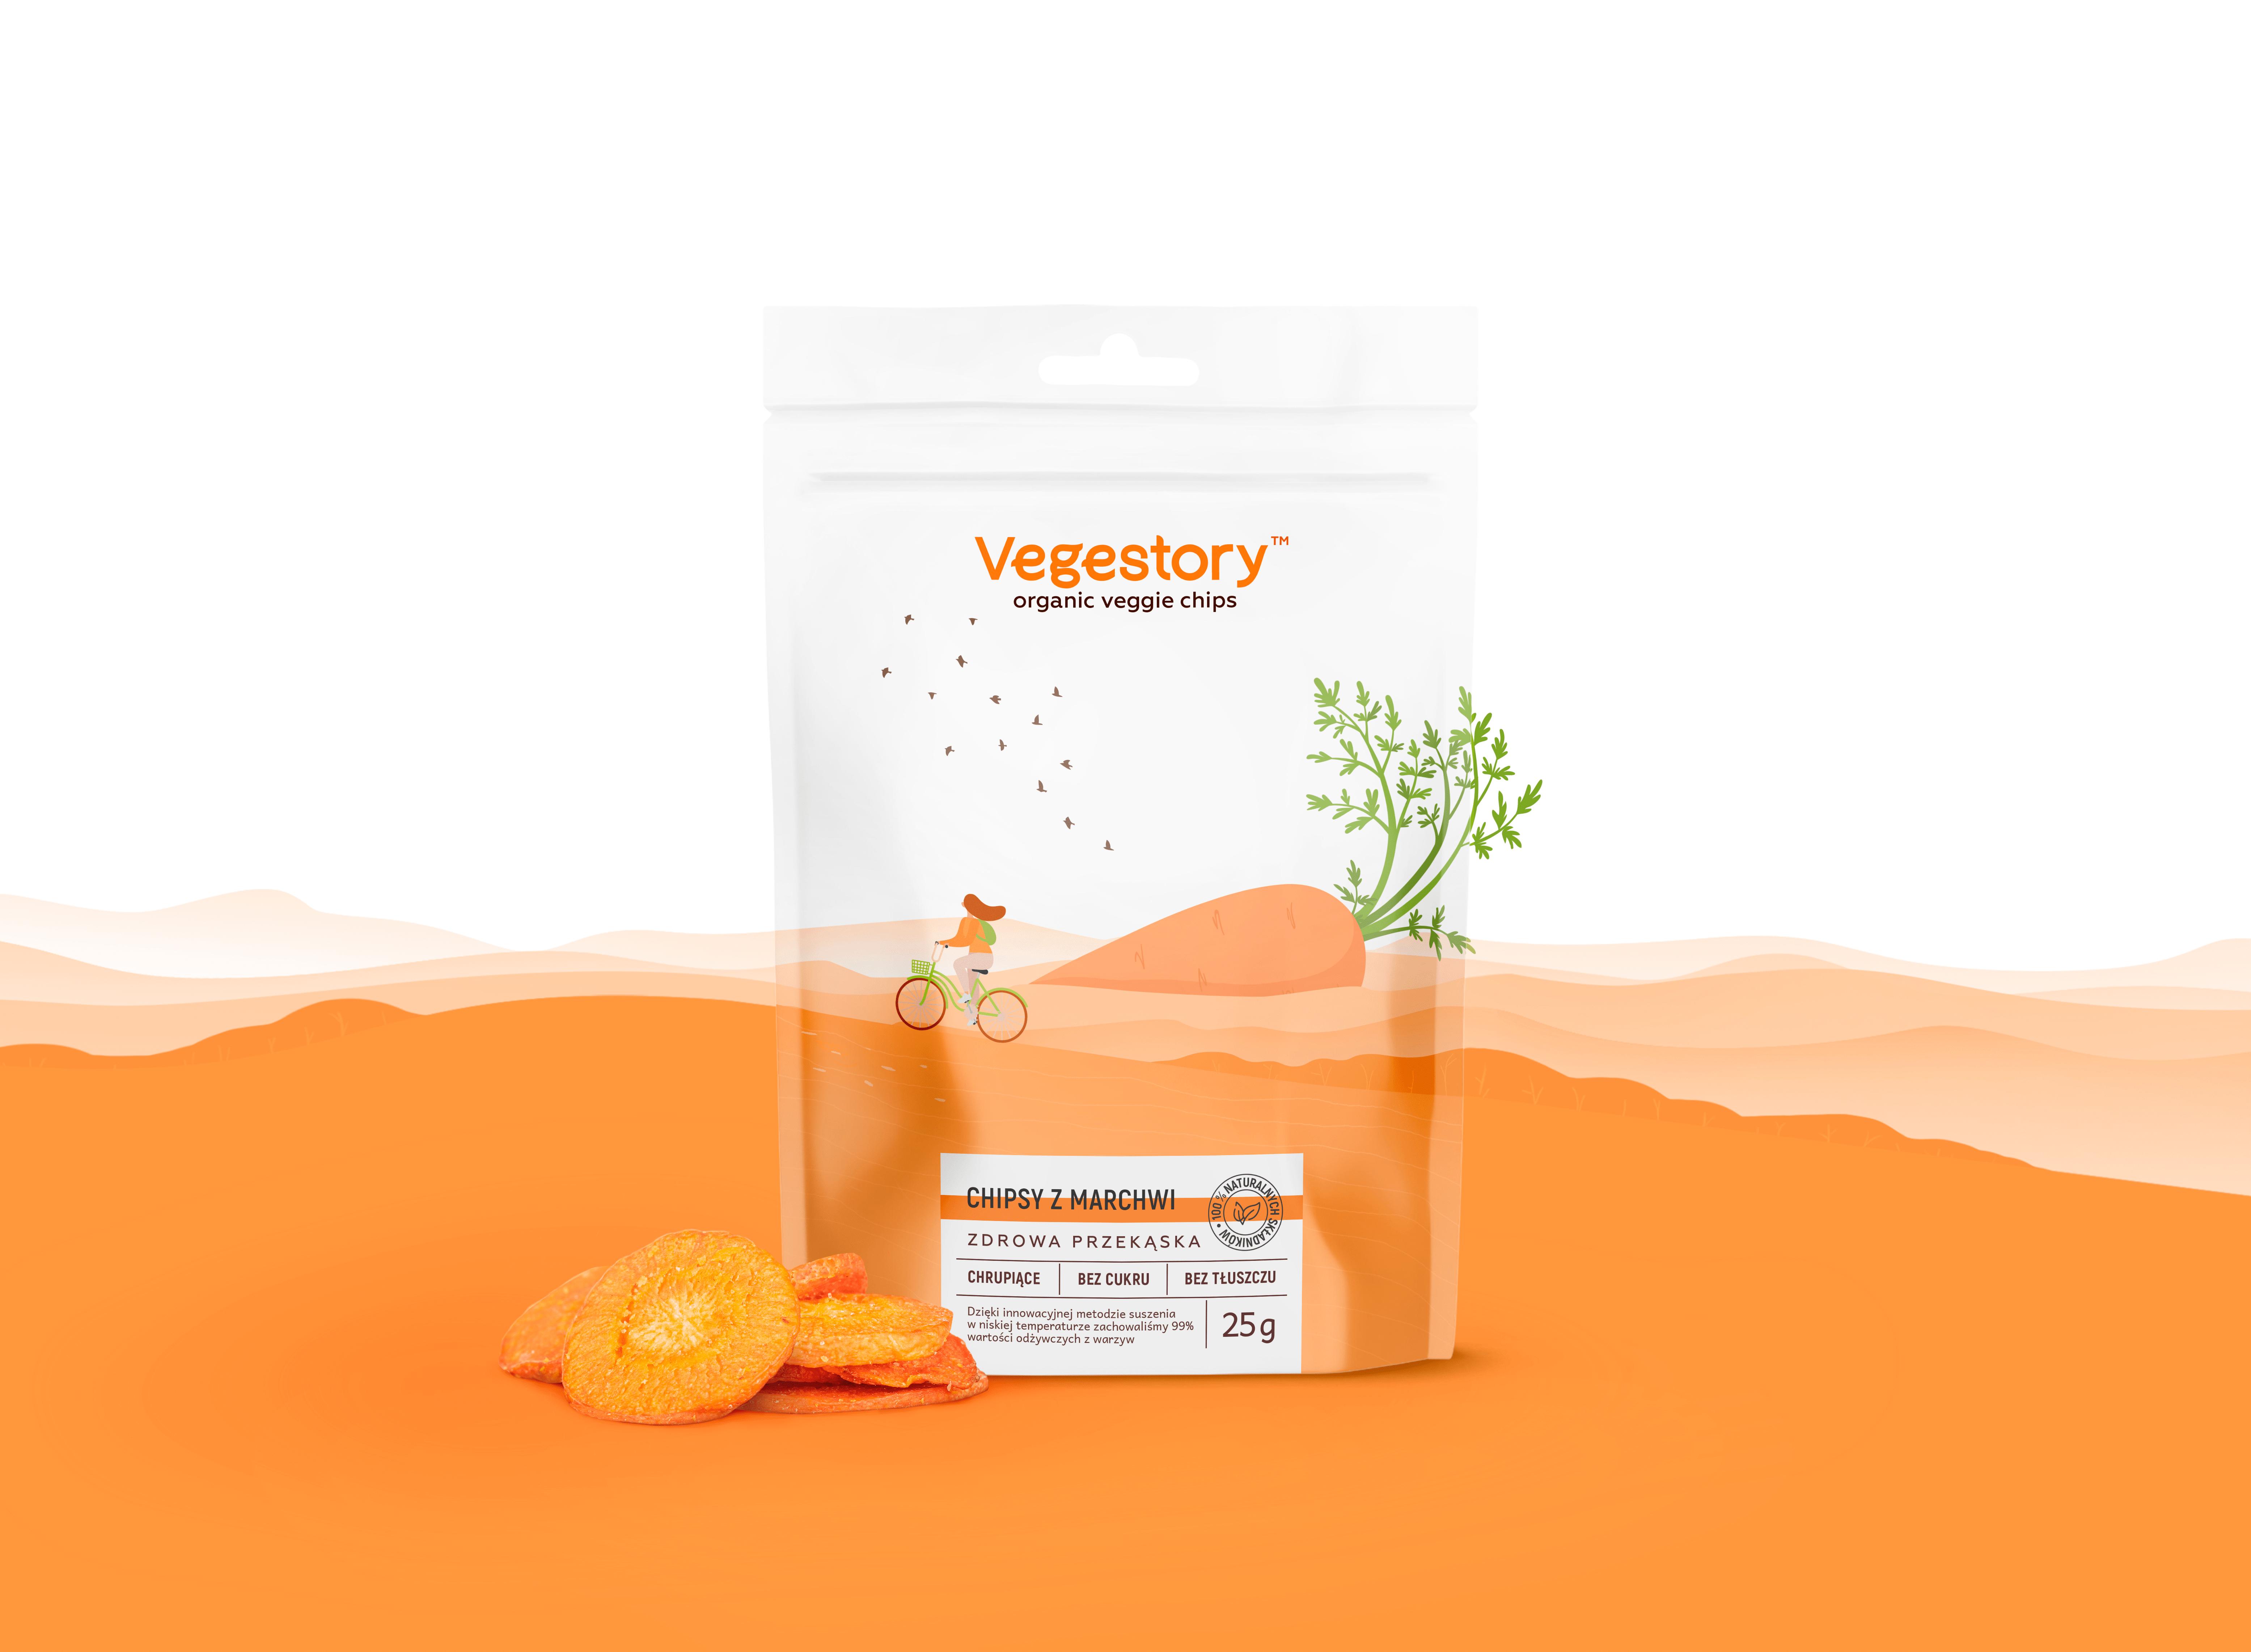 Trademark for Vegetable Chips